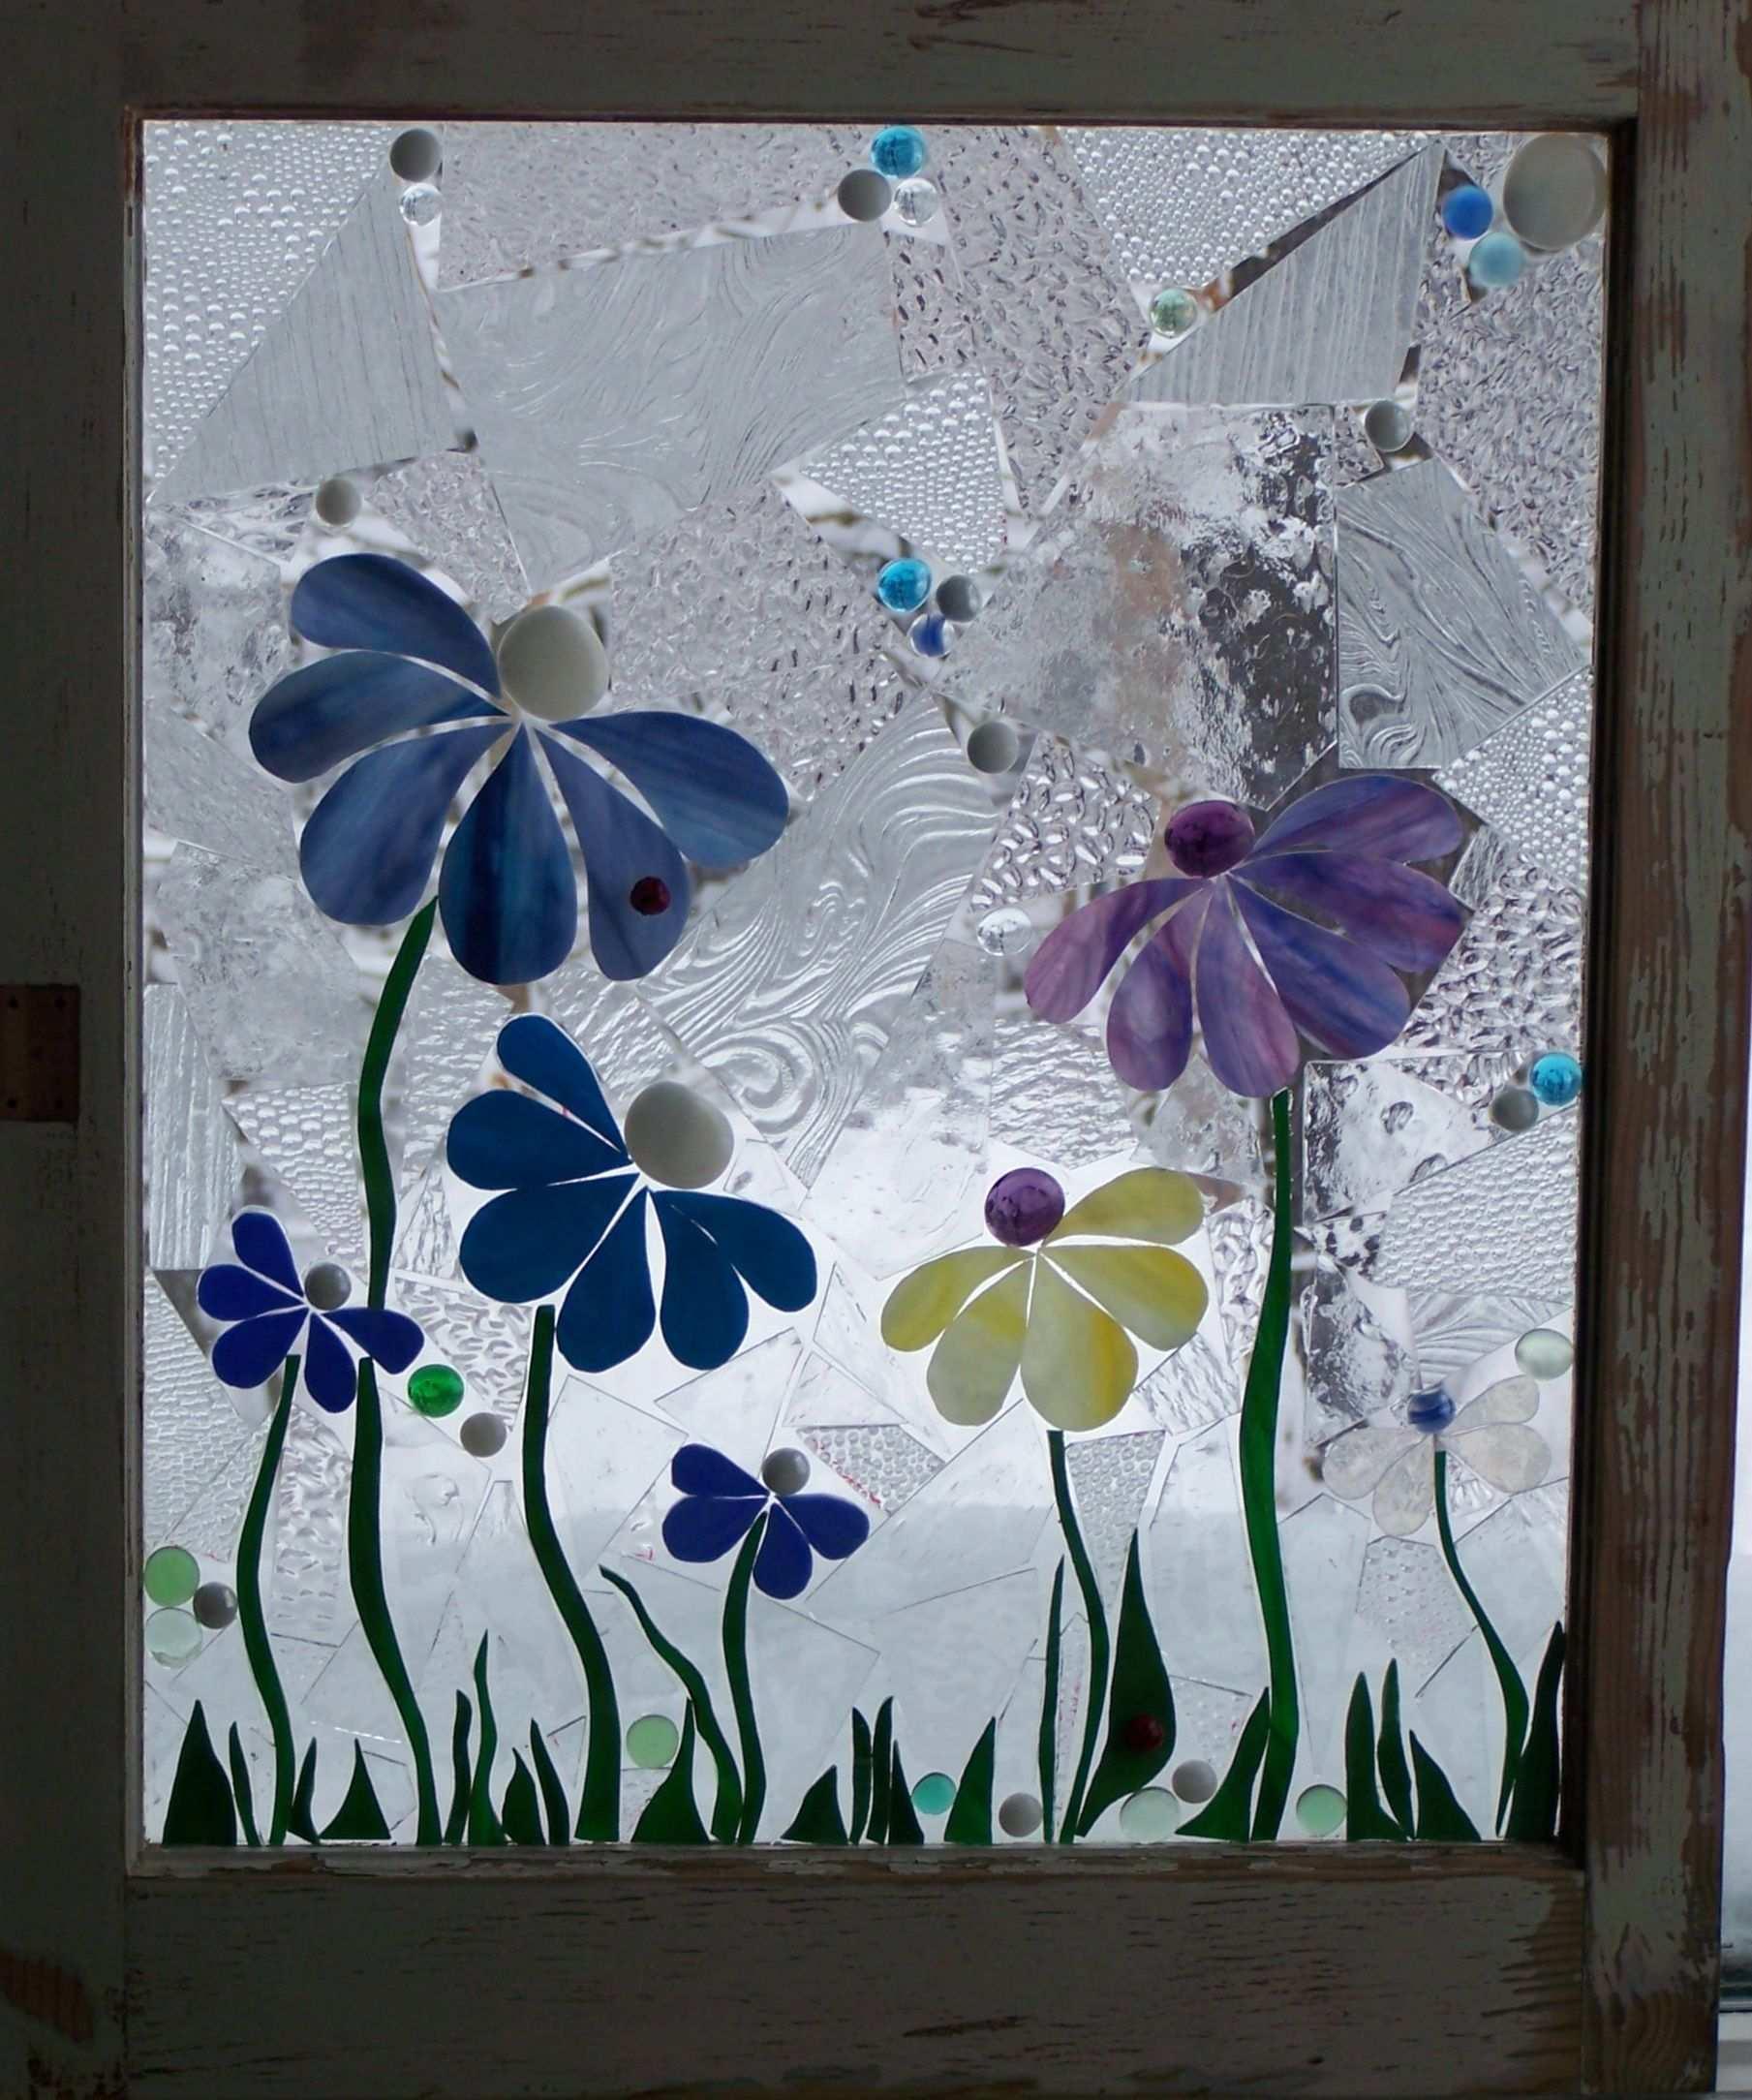 Pin Von Susan Wyse Auf Art Meerglas Kunst Glasmalerei Kunst Fenster Kunst